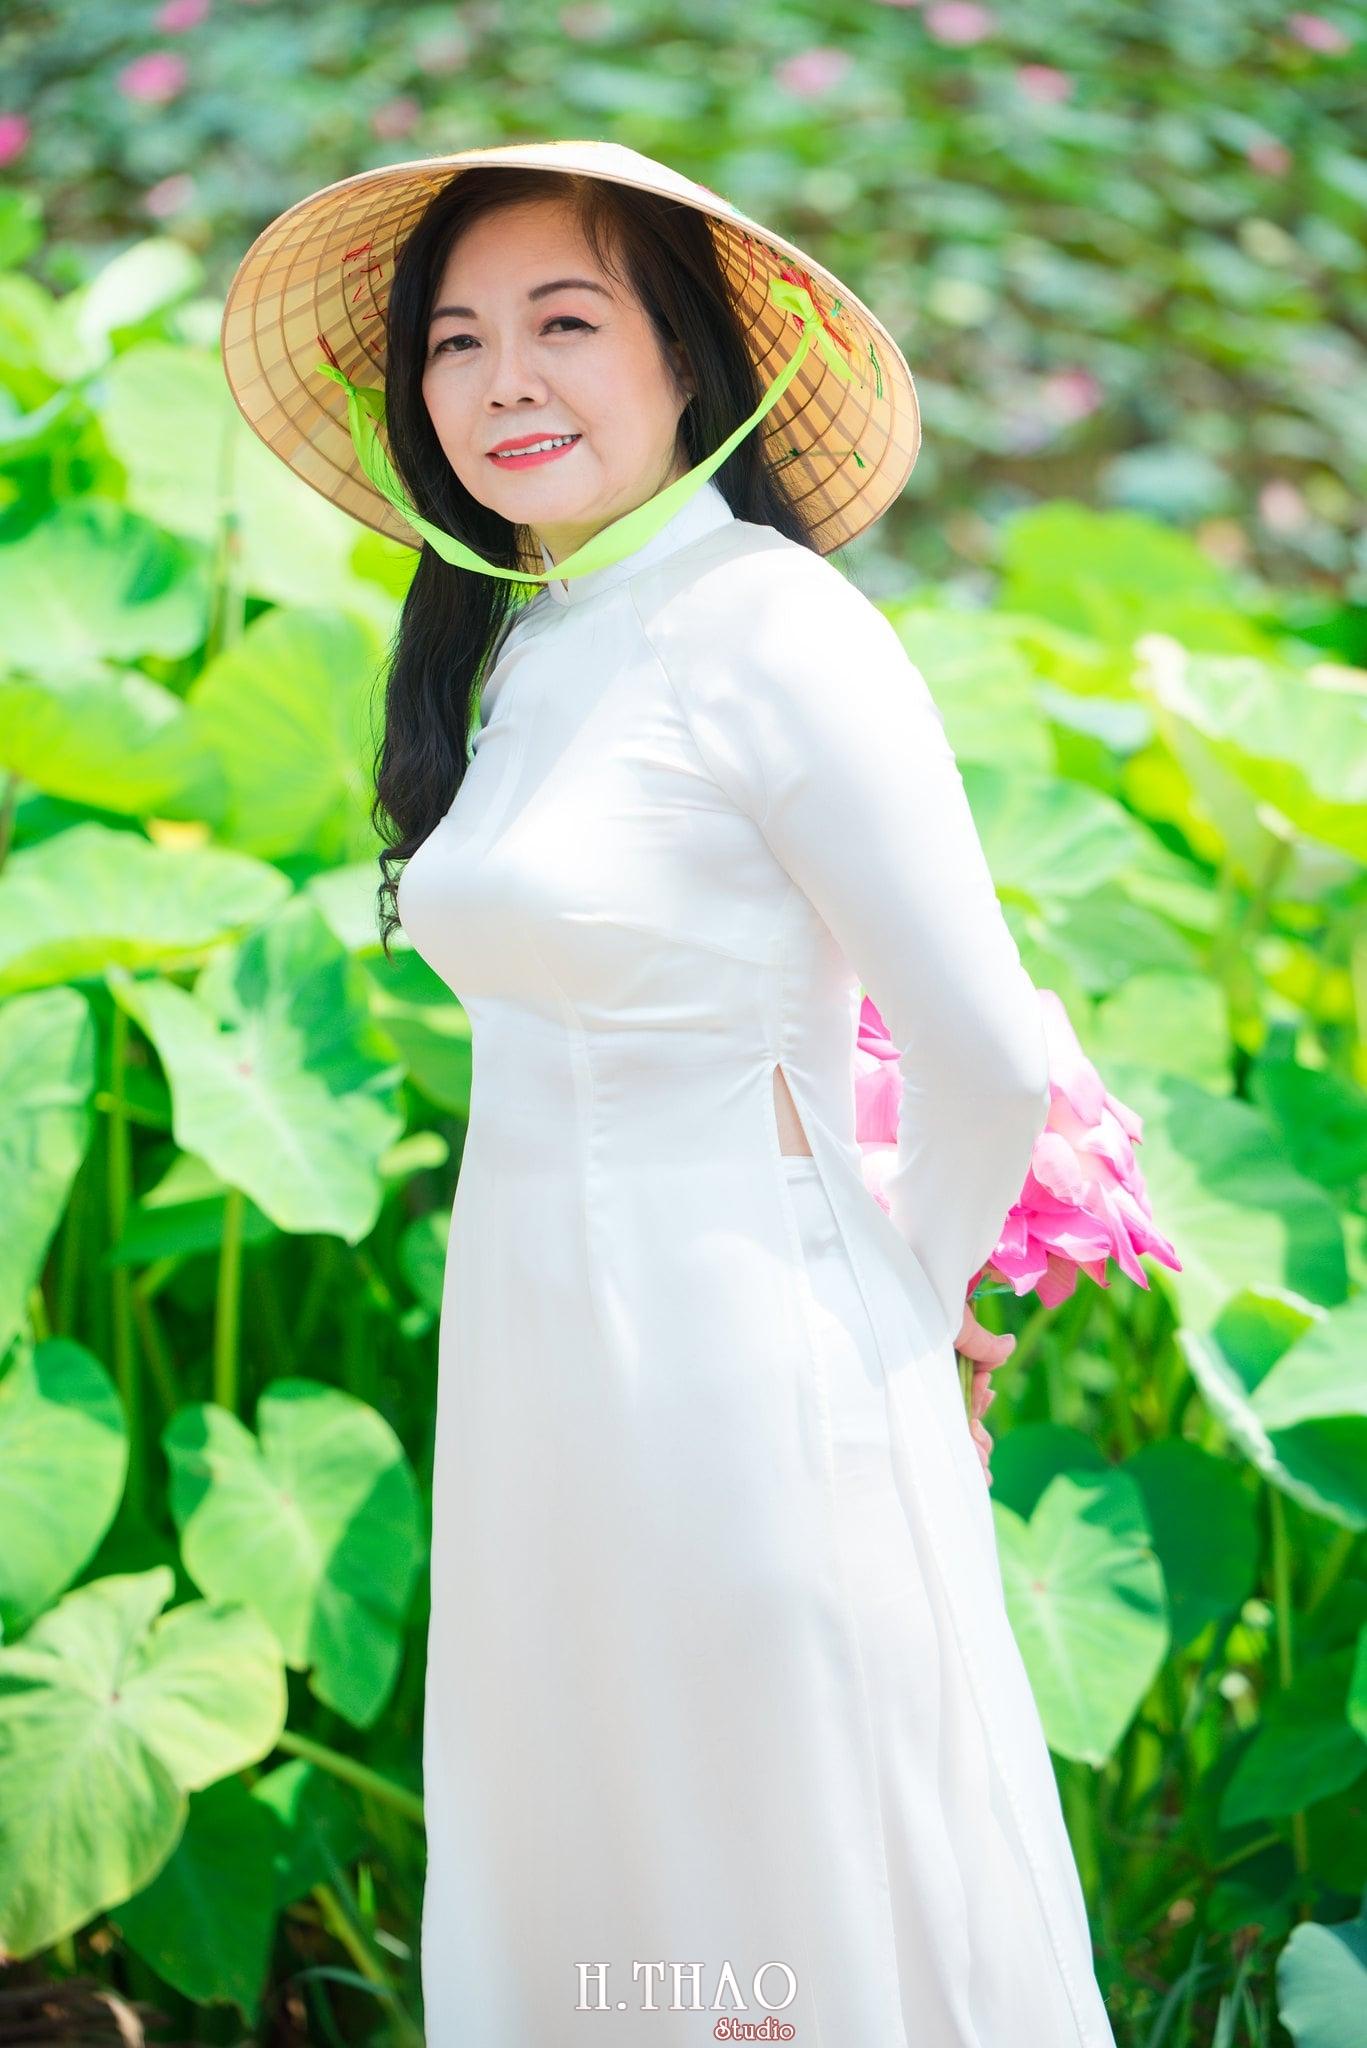 nh áo dài hoa sen 25 - Góc ảnh áo dài tuổi 50 cô Phương chụp với hoa sen- HThao Studio